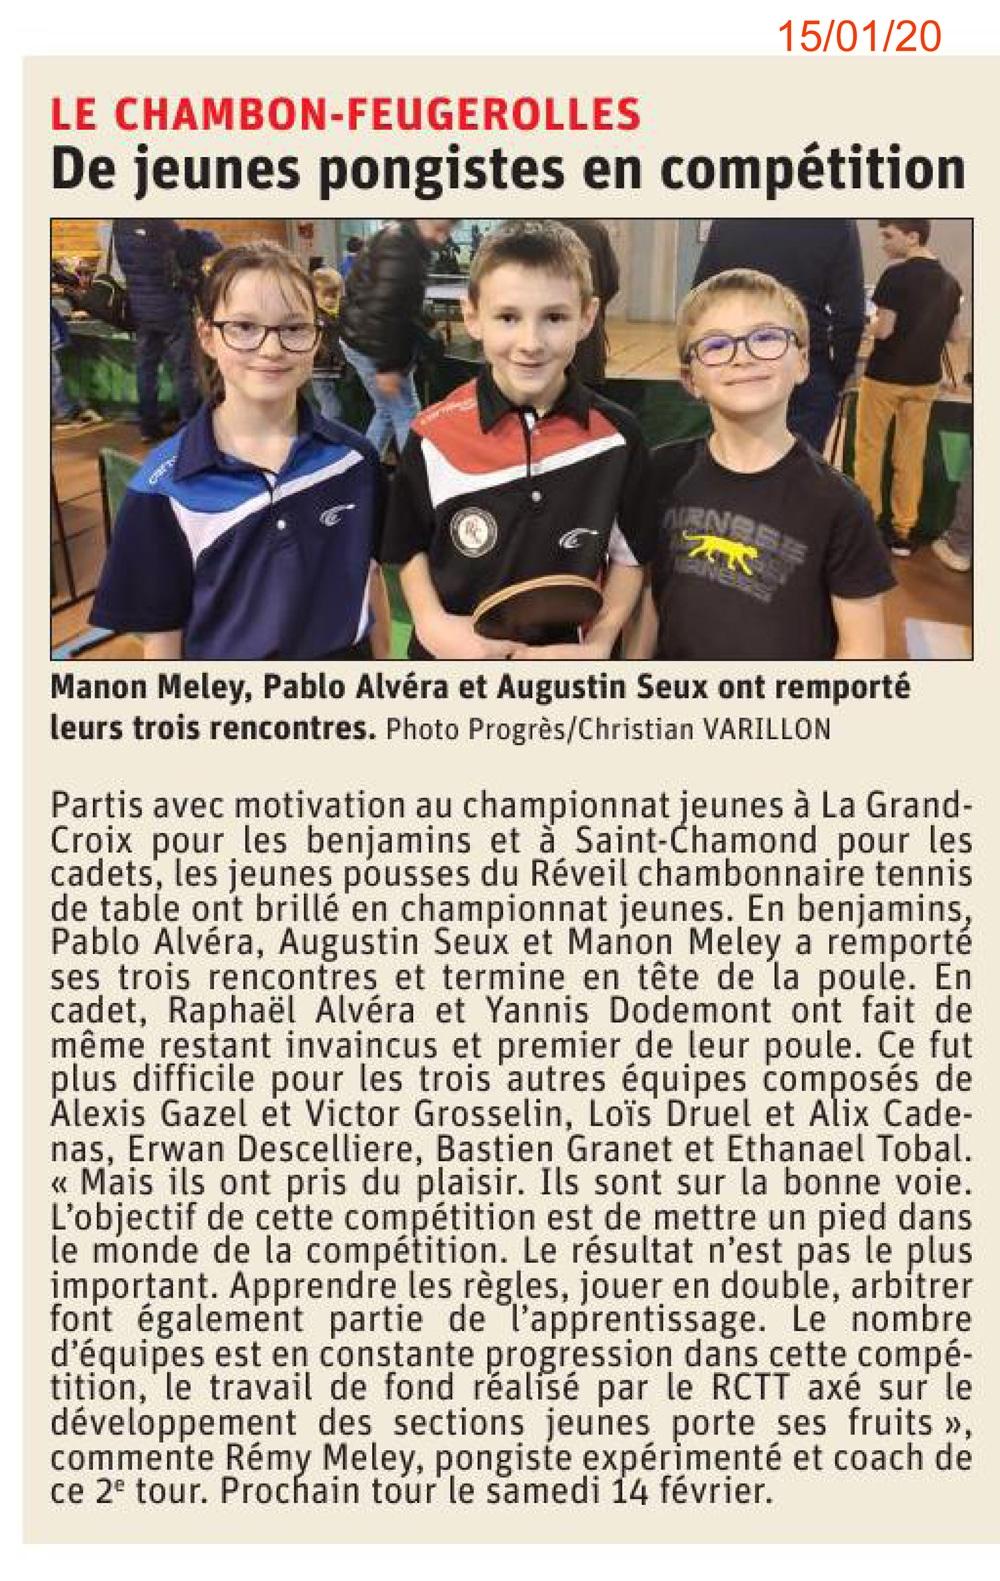 Les jeunes pongistes au championnat Jeunes